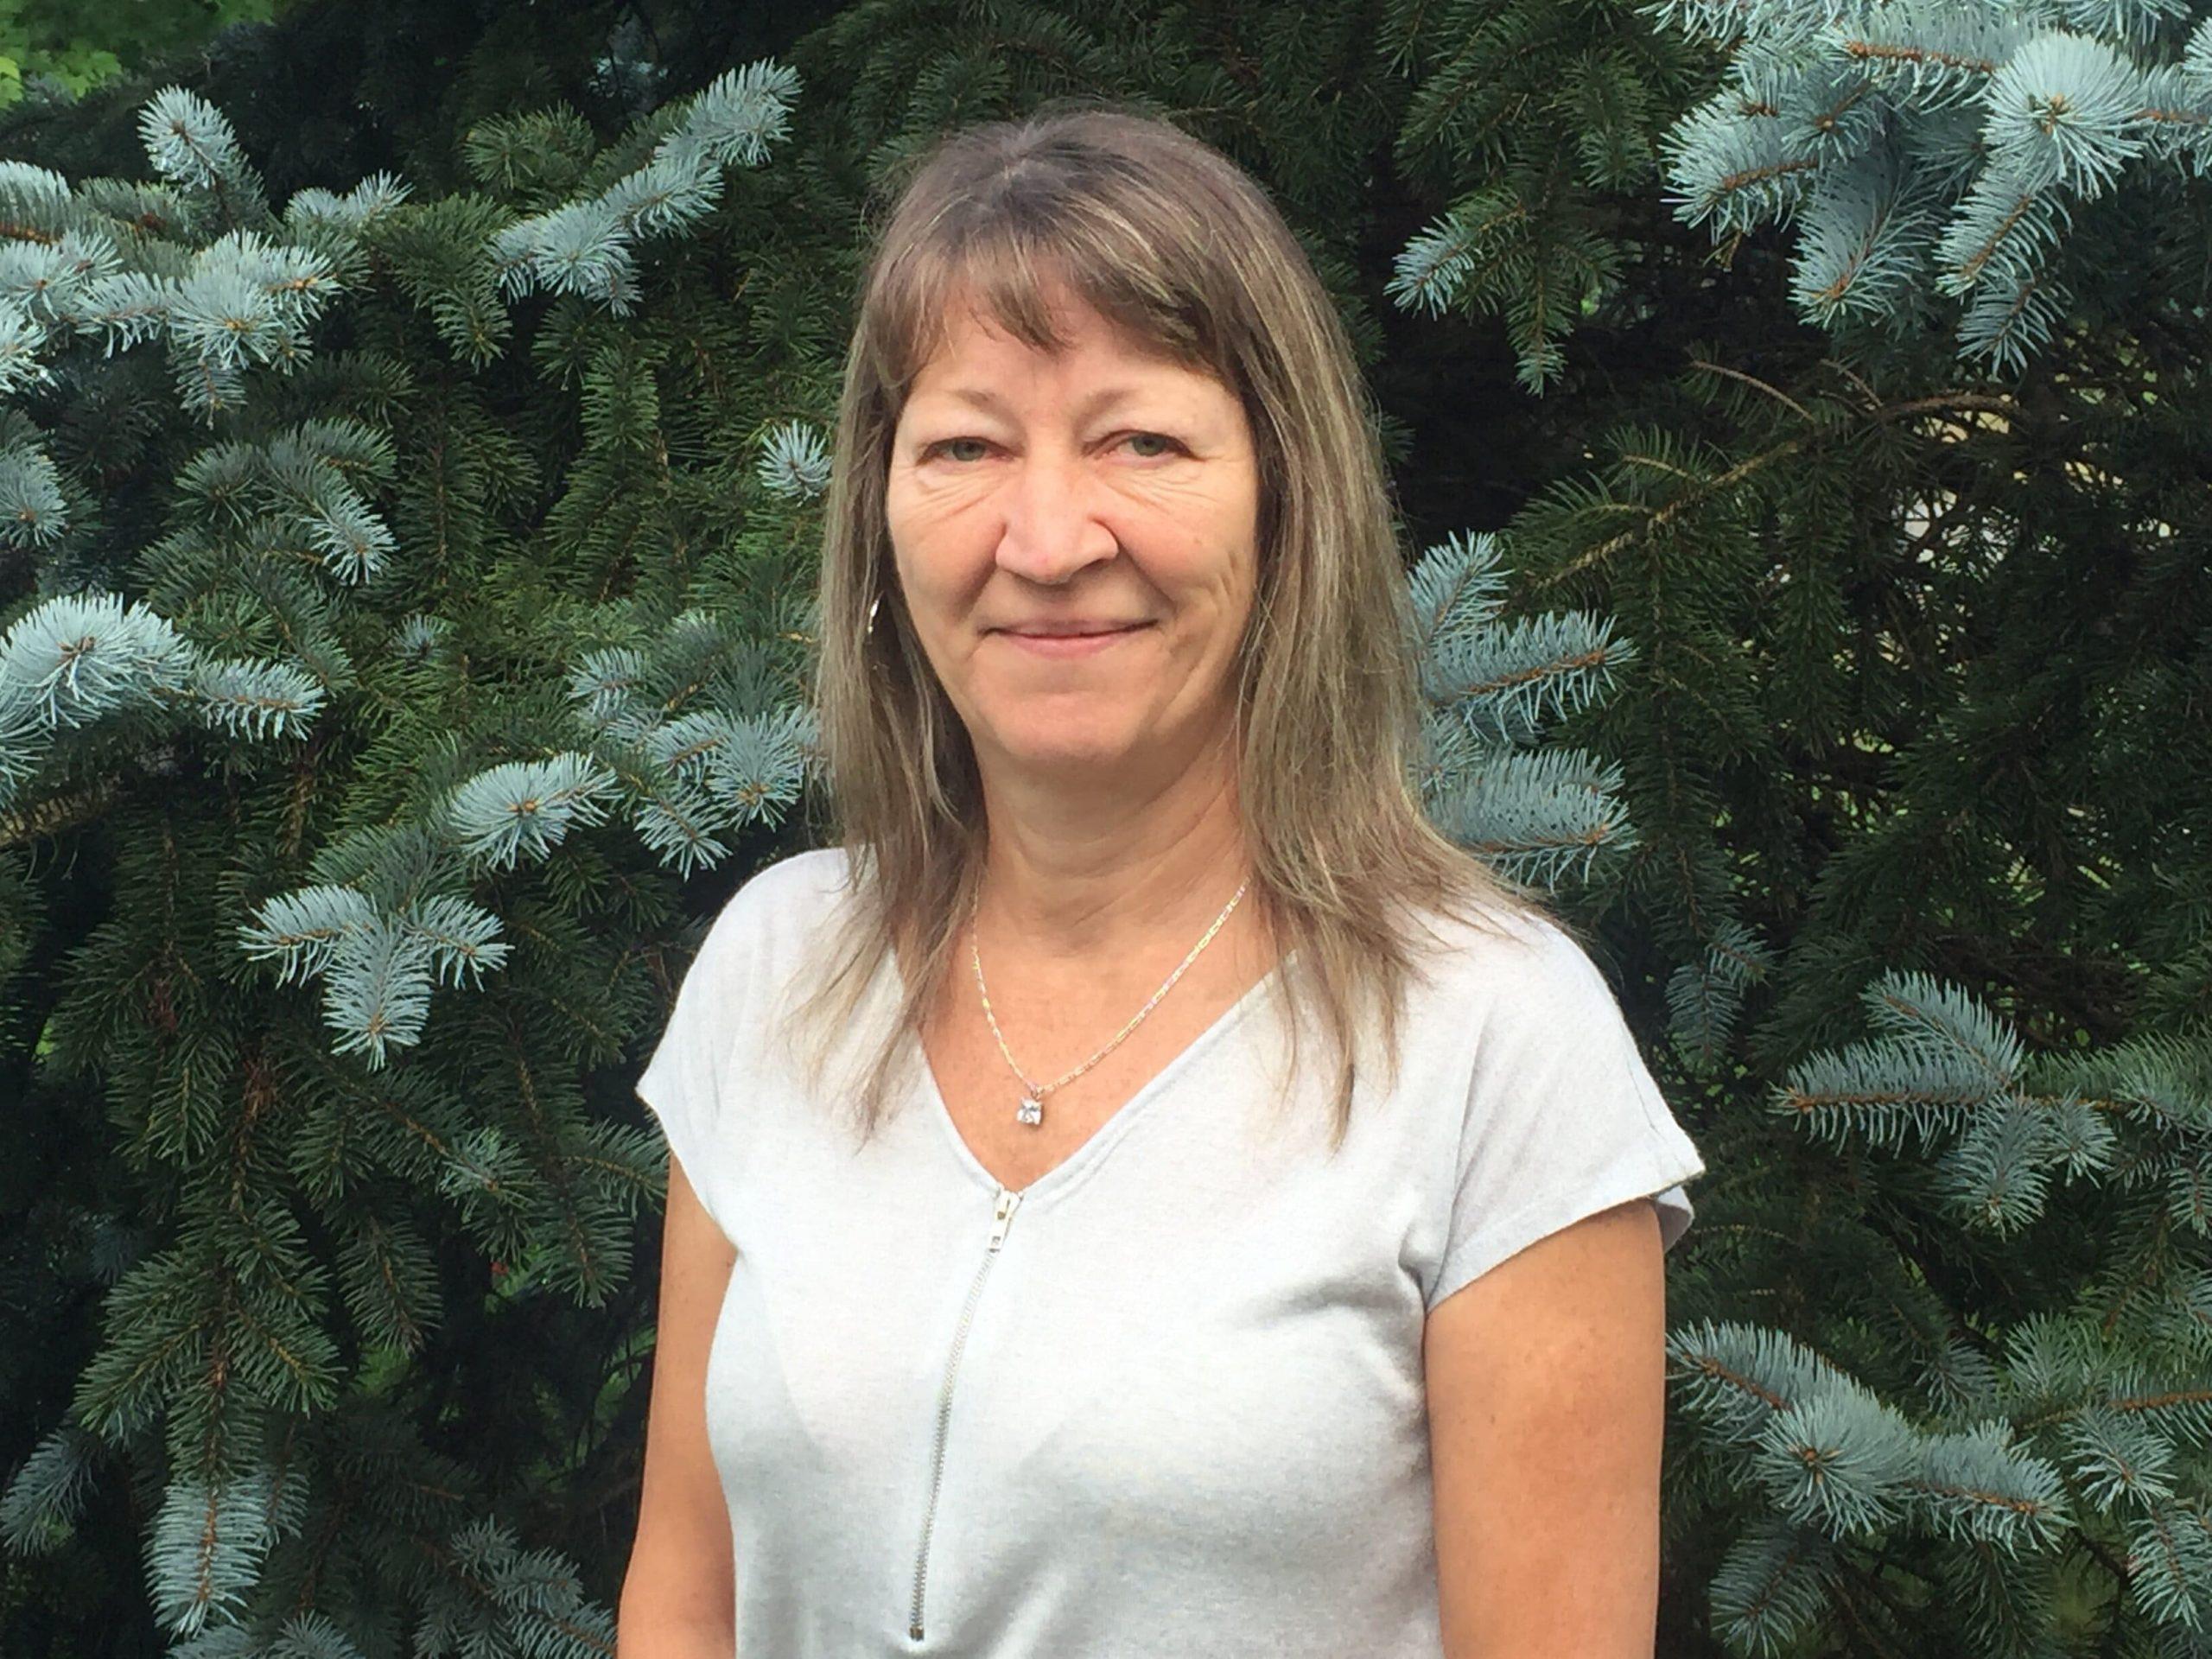 Chantal Desrochers